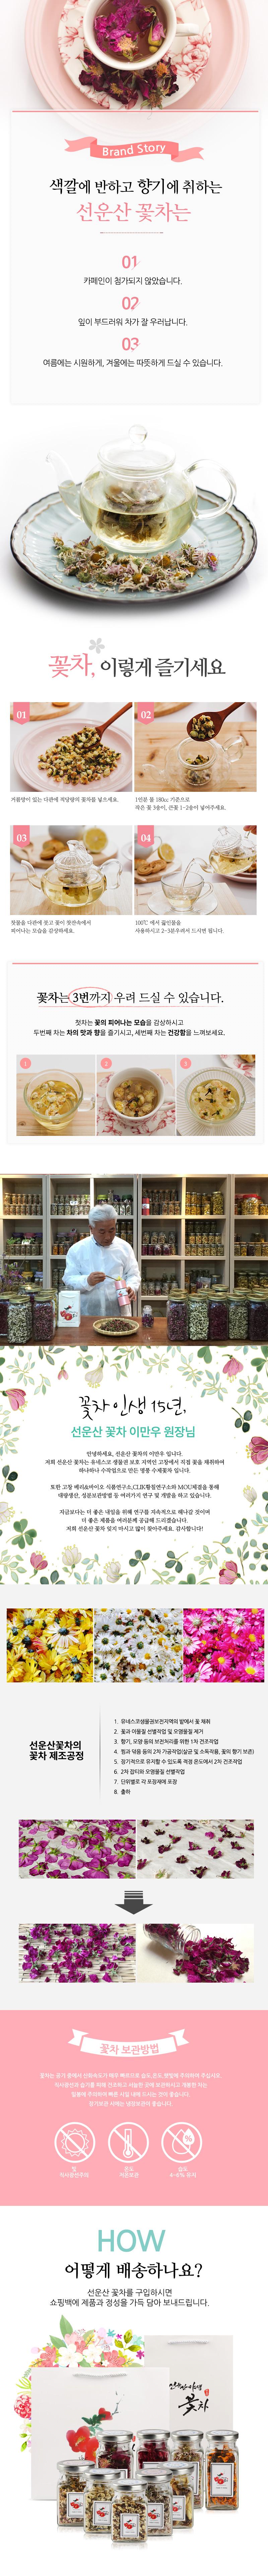 찔레꽃차18g - 선운산야생꽃차, 27,000원, 차, 우롱차/전통차/한방차